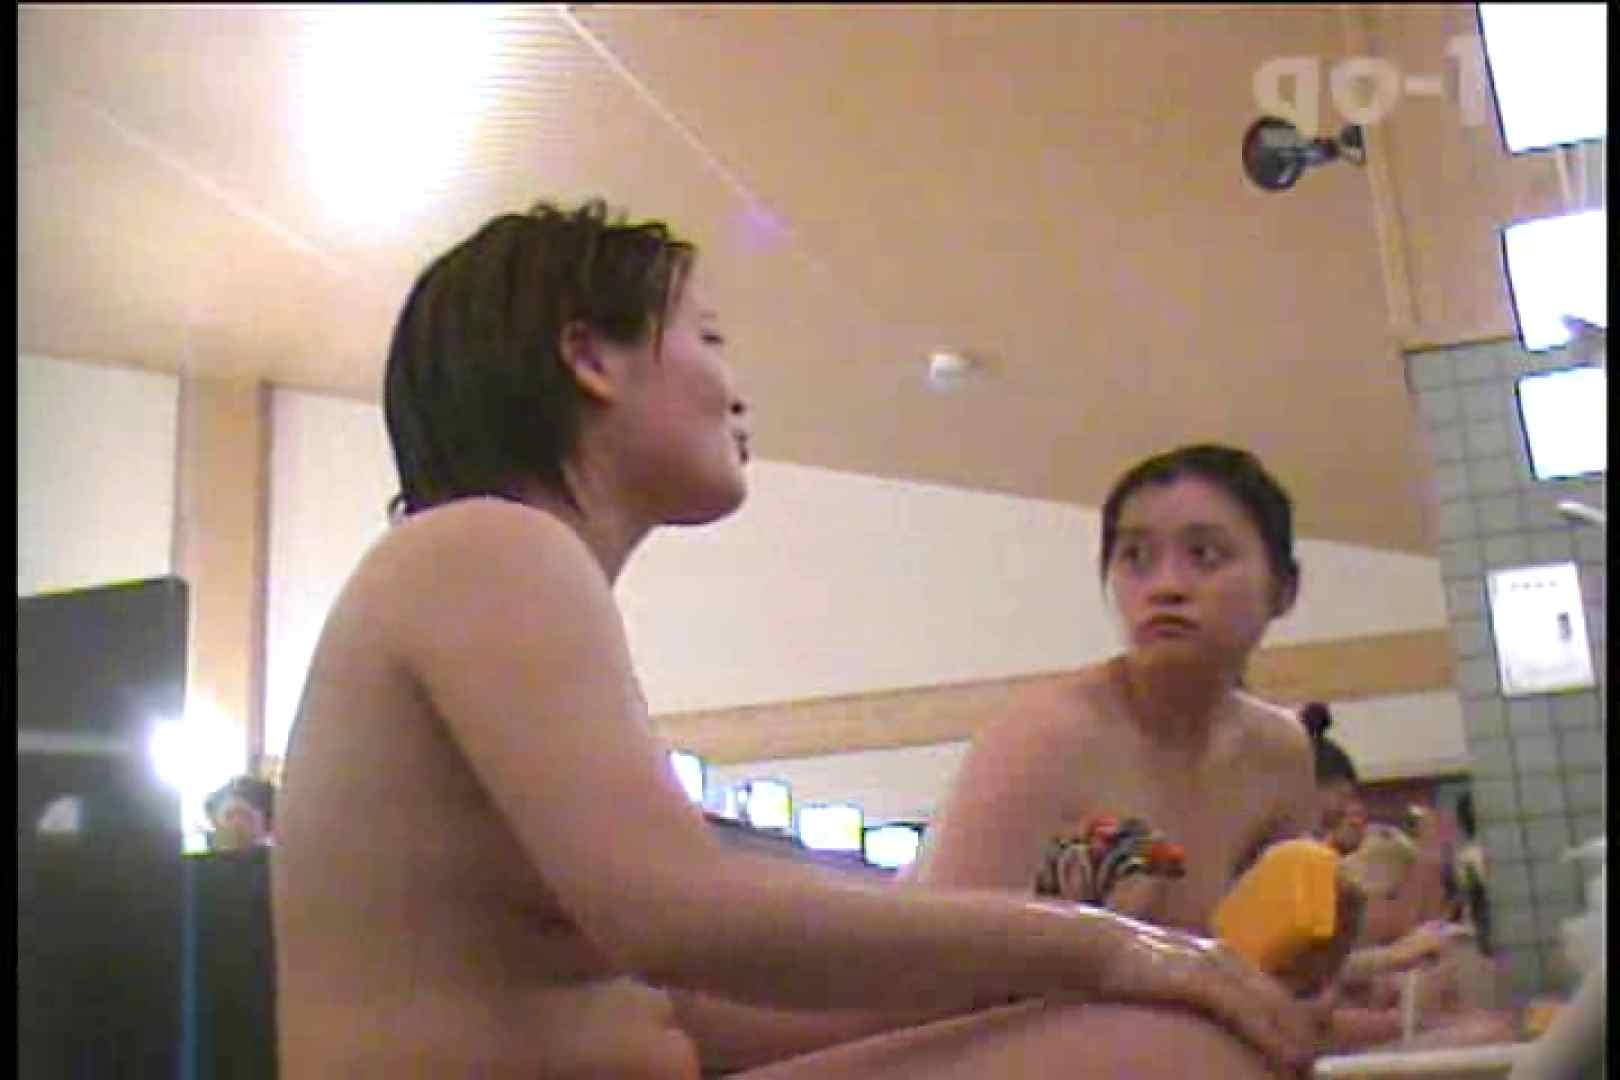 電波カメラ設置浴場からの防HAN映像 Vol.15 OL女体  90連発 9